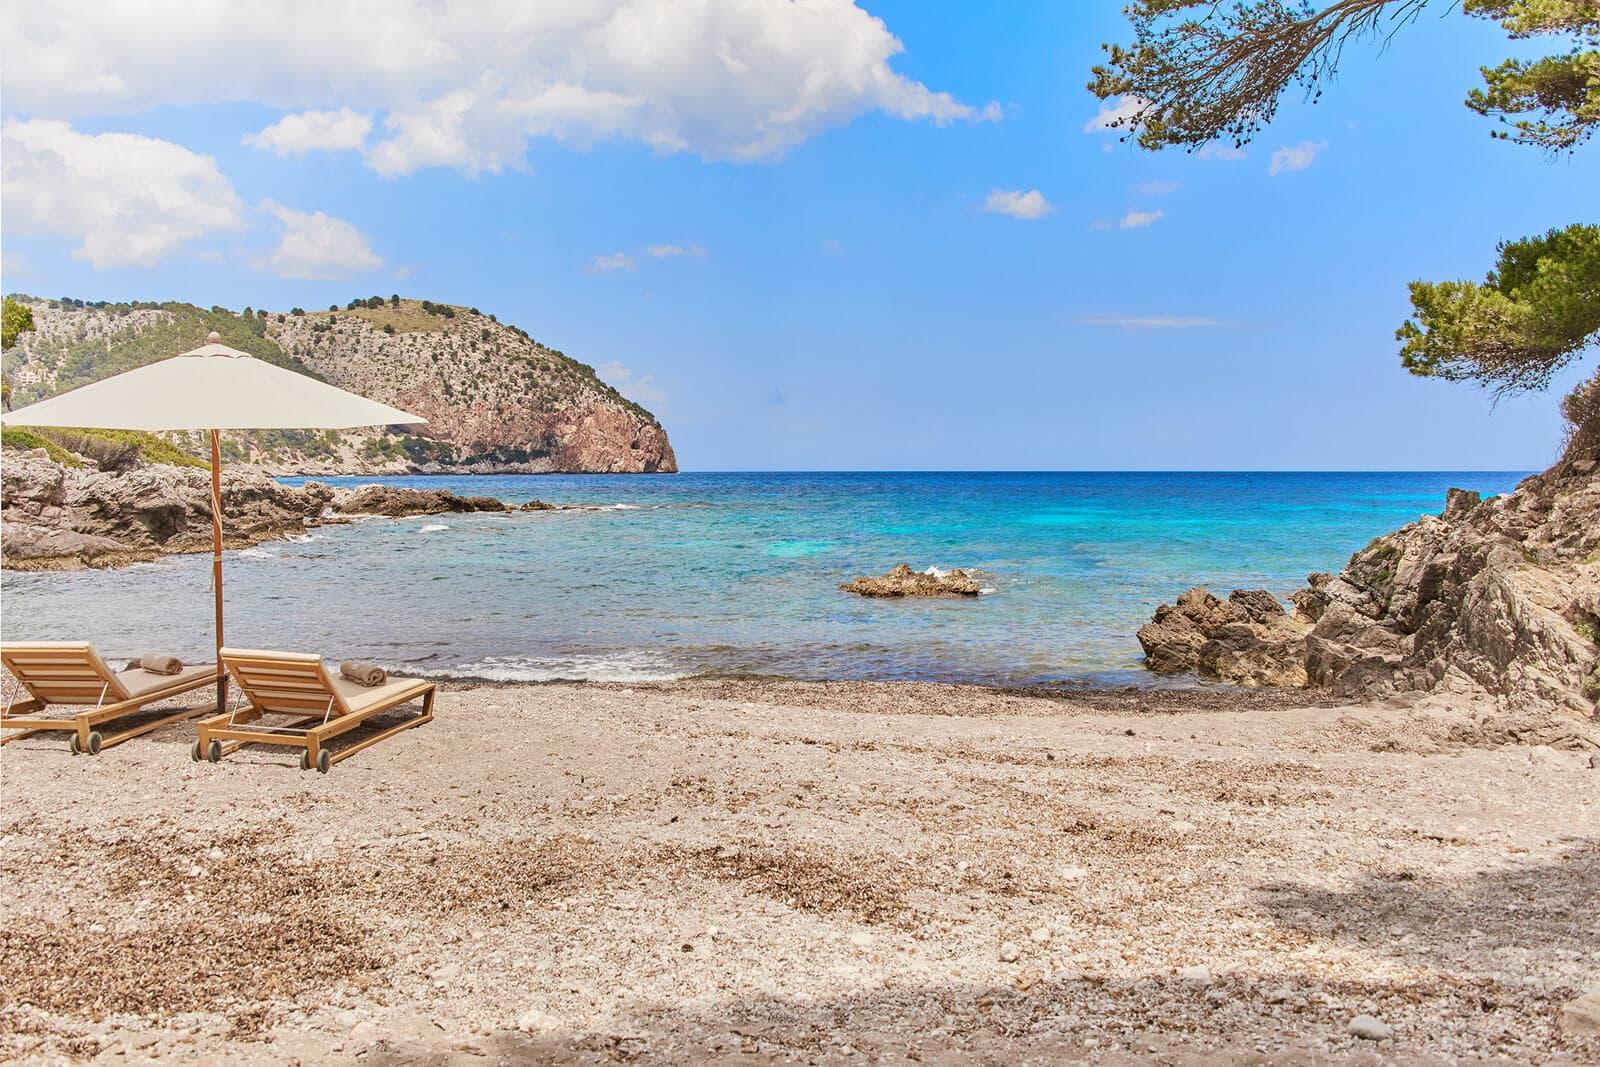 Pleta De Mar - strand